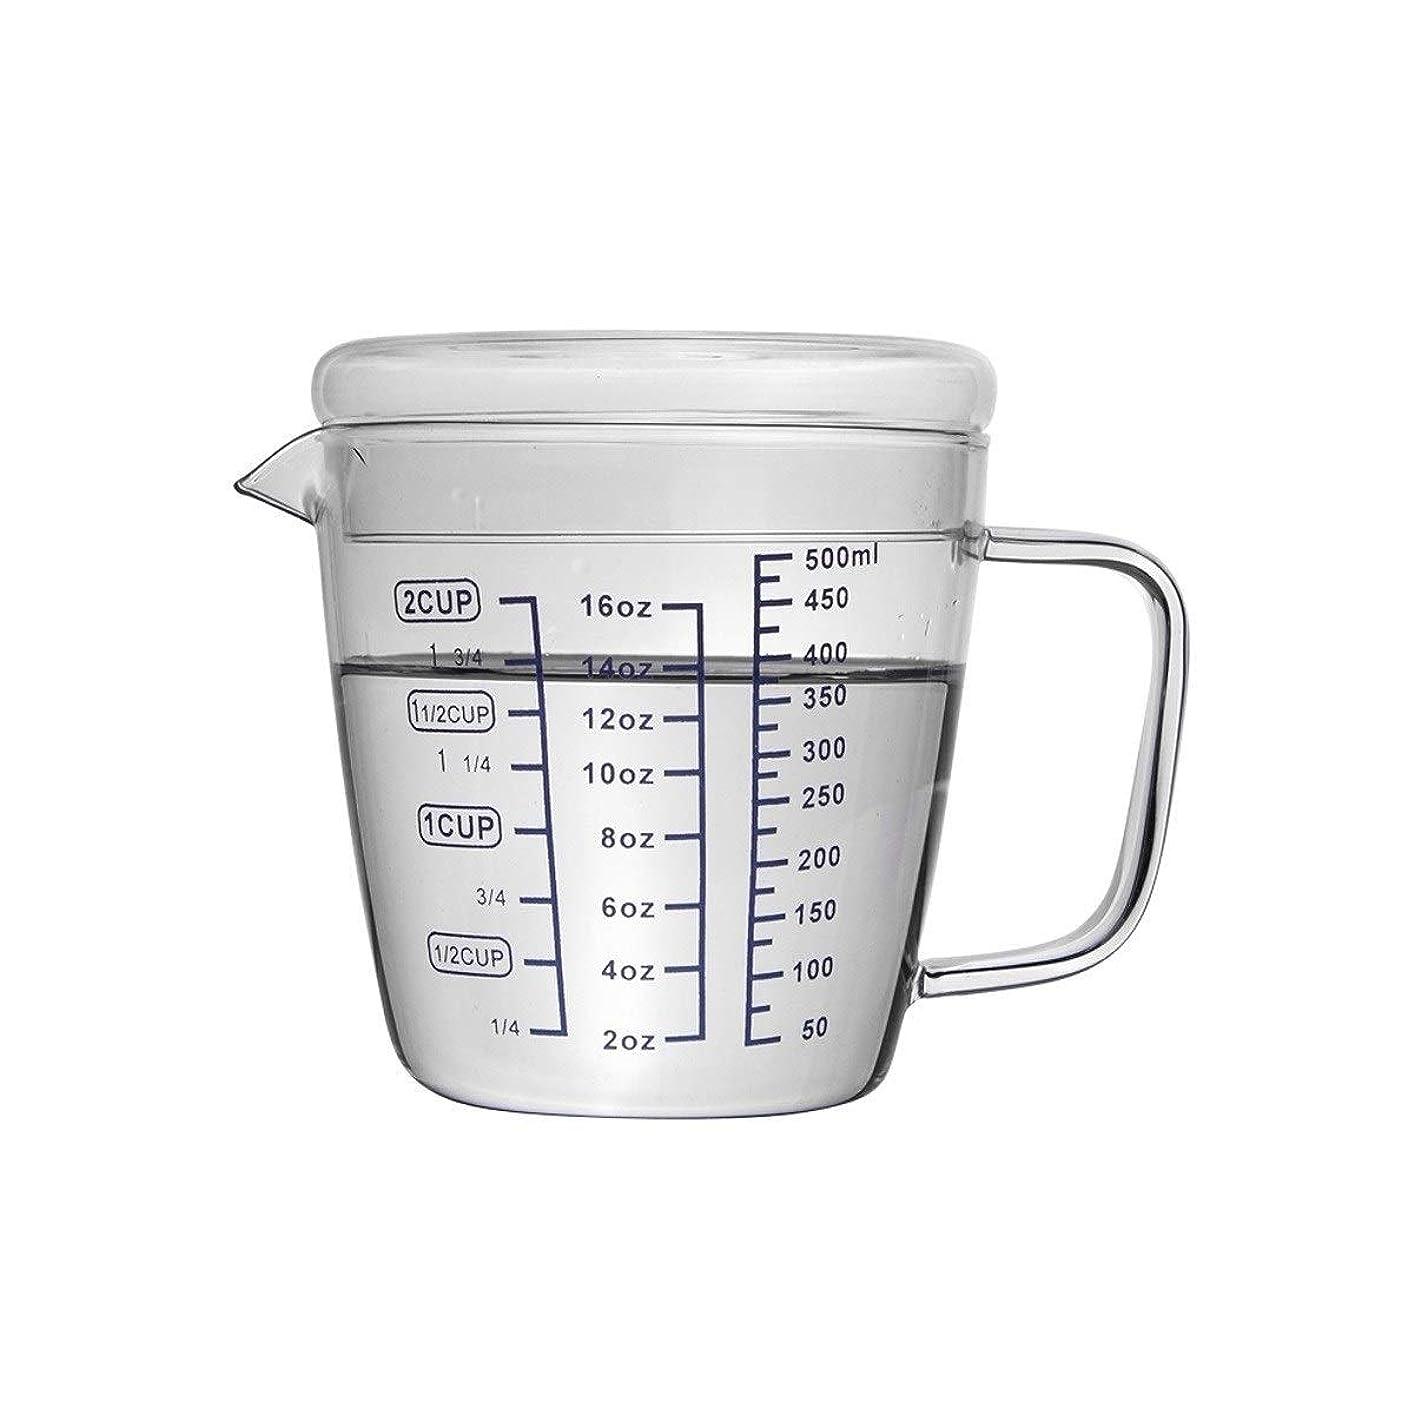 苦い略奪先駆者LI FANG 耐熱ガラス計量カップ、スケール付きミルクカップ、蓋付き透明スケールカップ (Size : 500 ml)